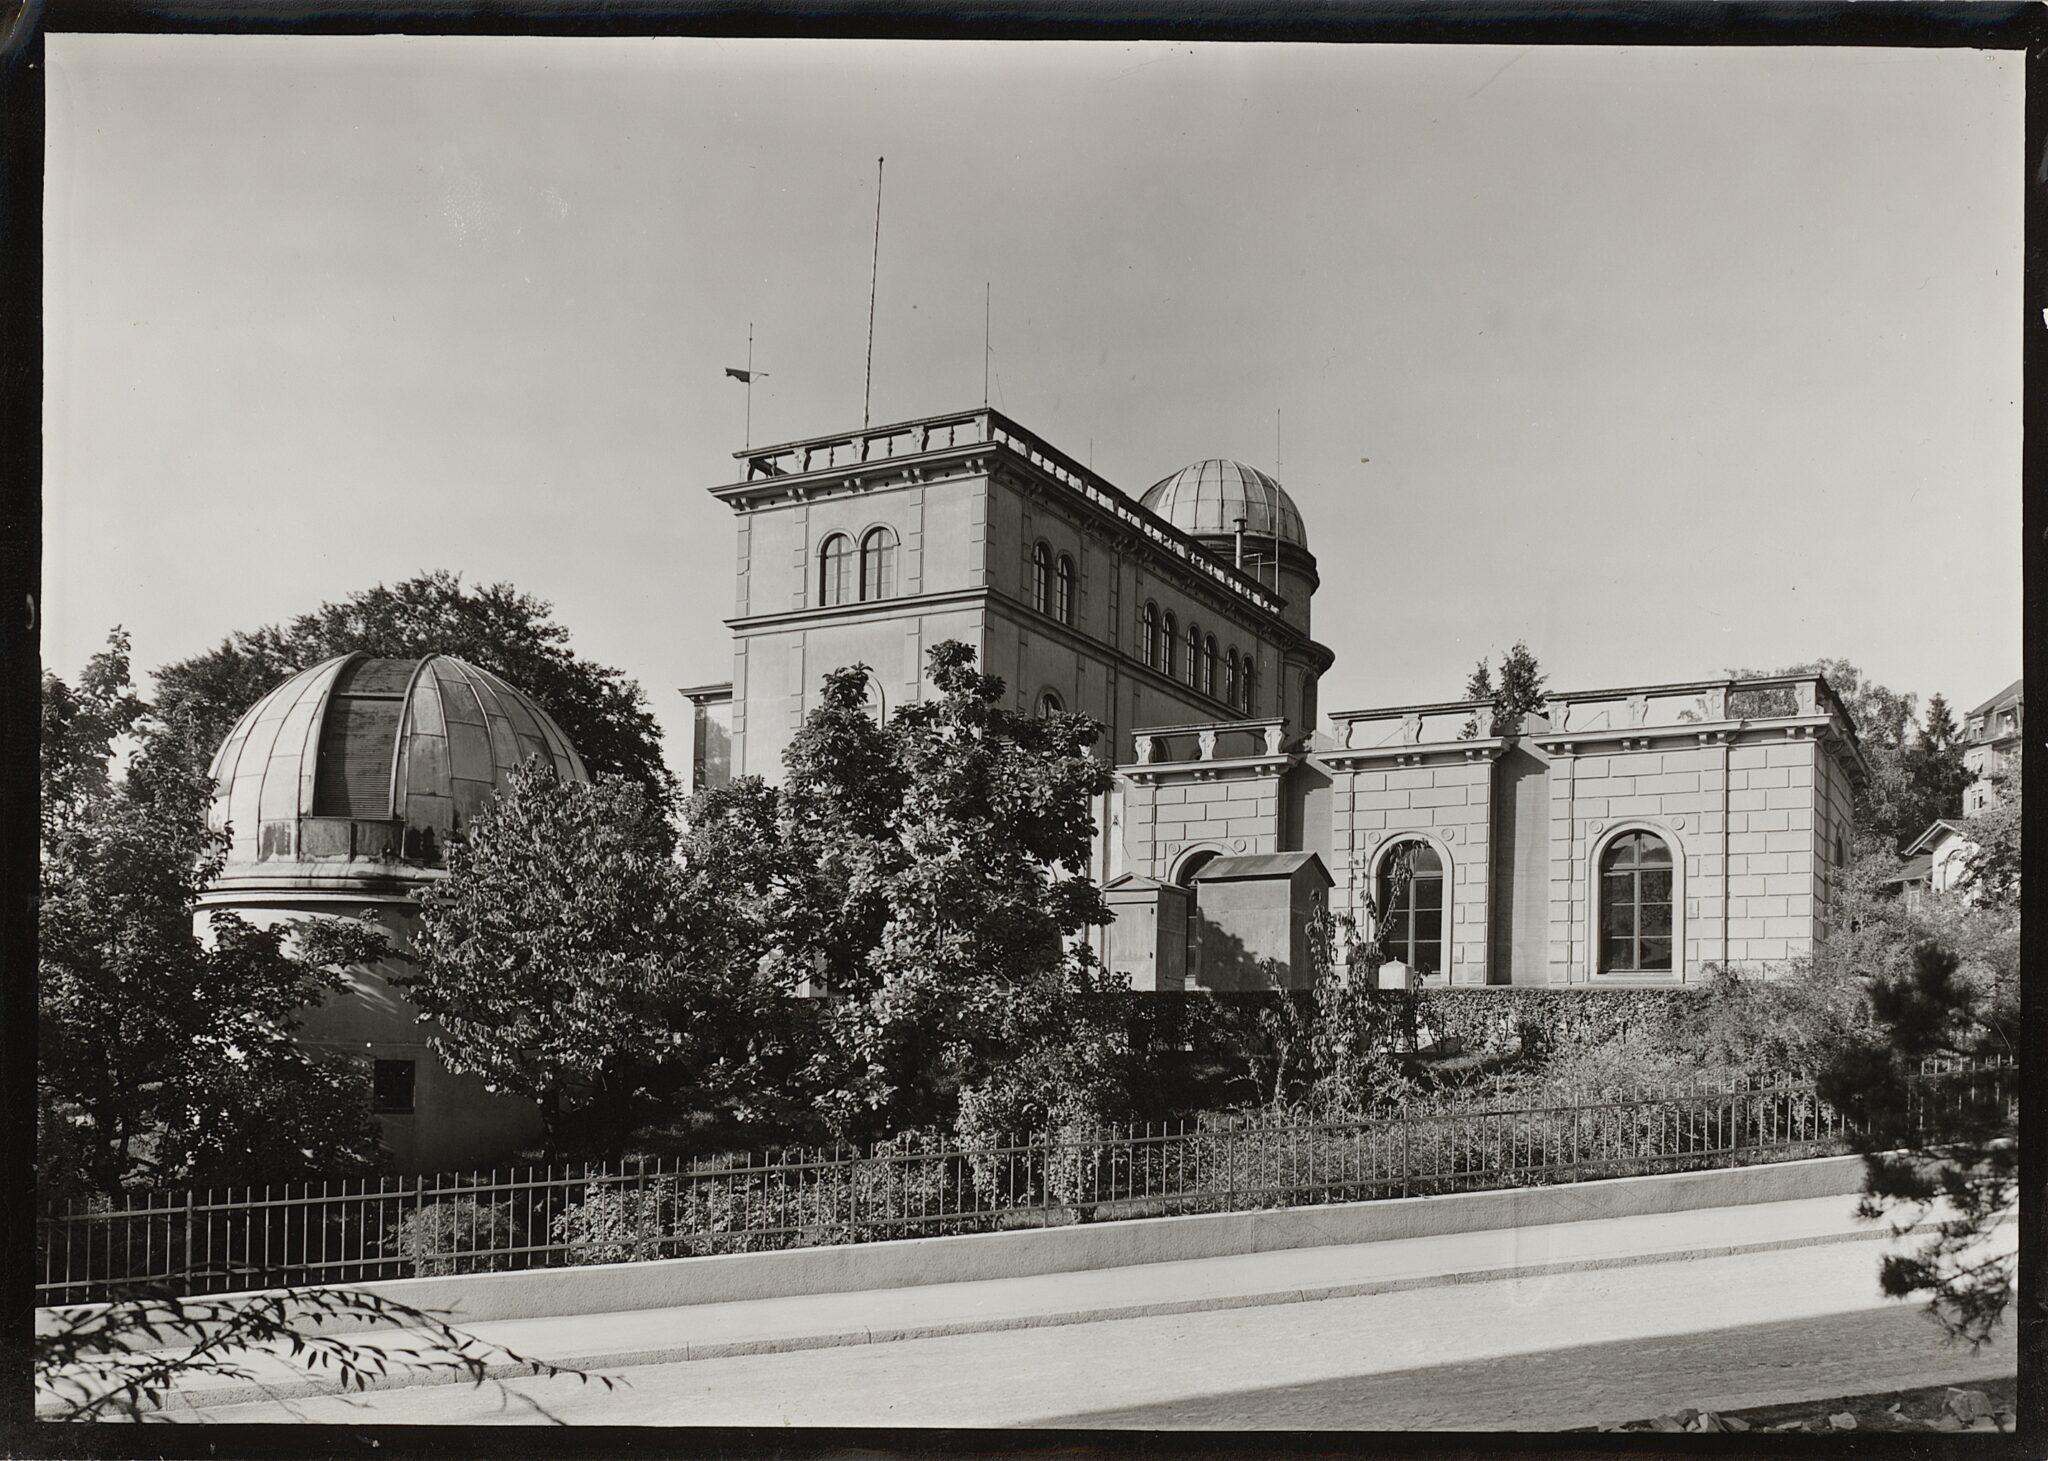 ETH Zürich mit Sternwarte im Jahr 1910